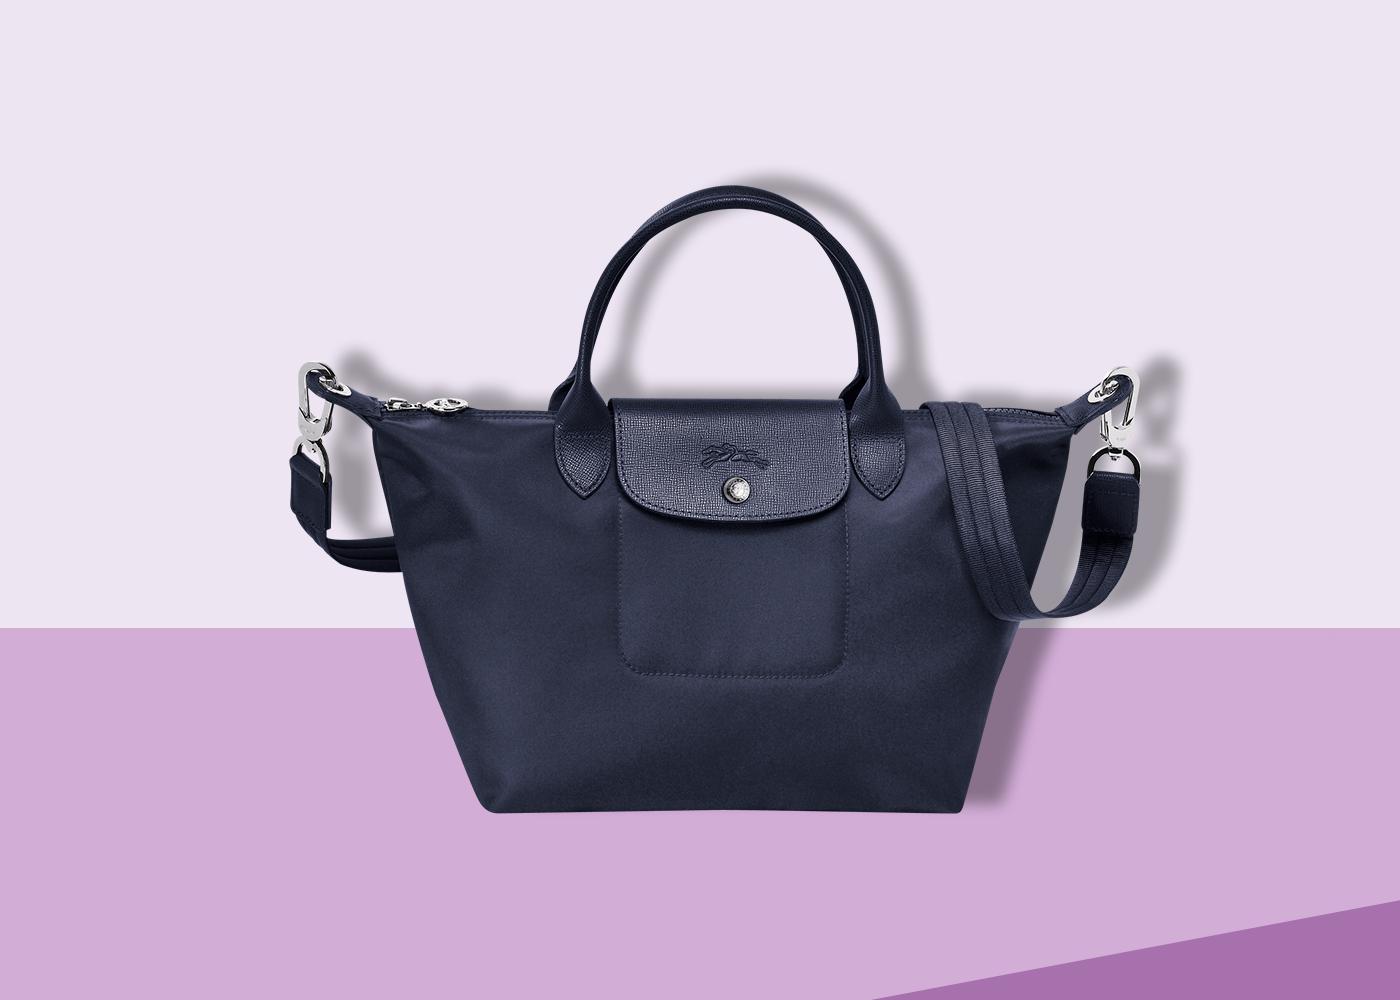 venta caliente online 881c2 b994d LE PLIAGE   Longchamp España   longchamp   Longchamp, Bags y ...